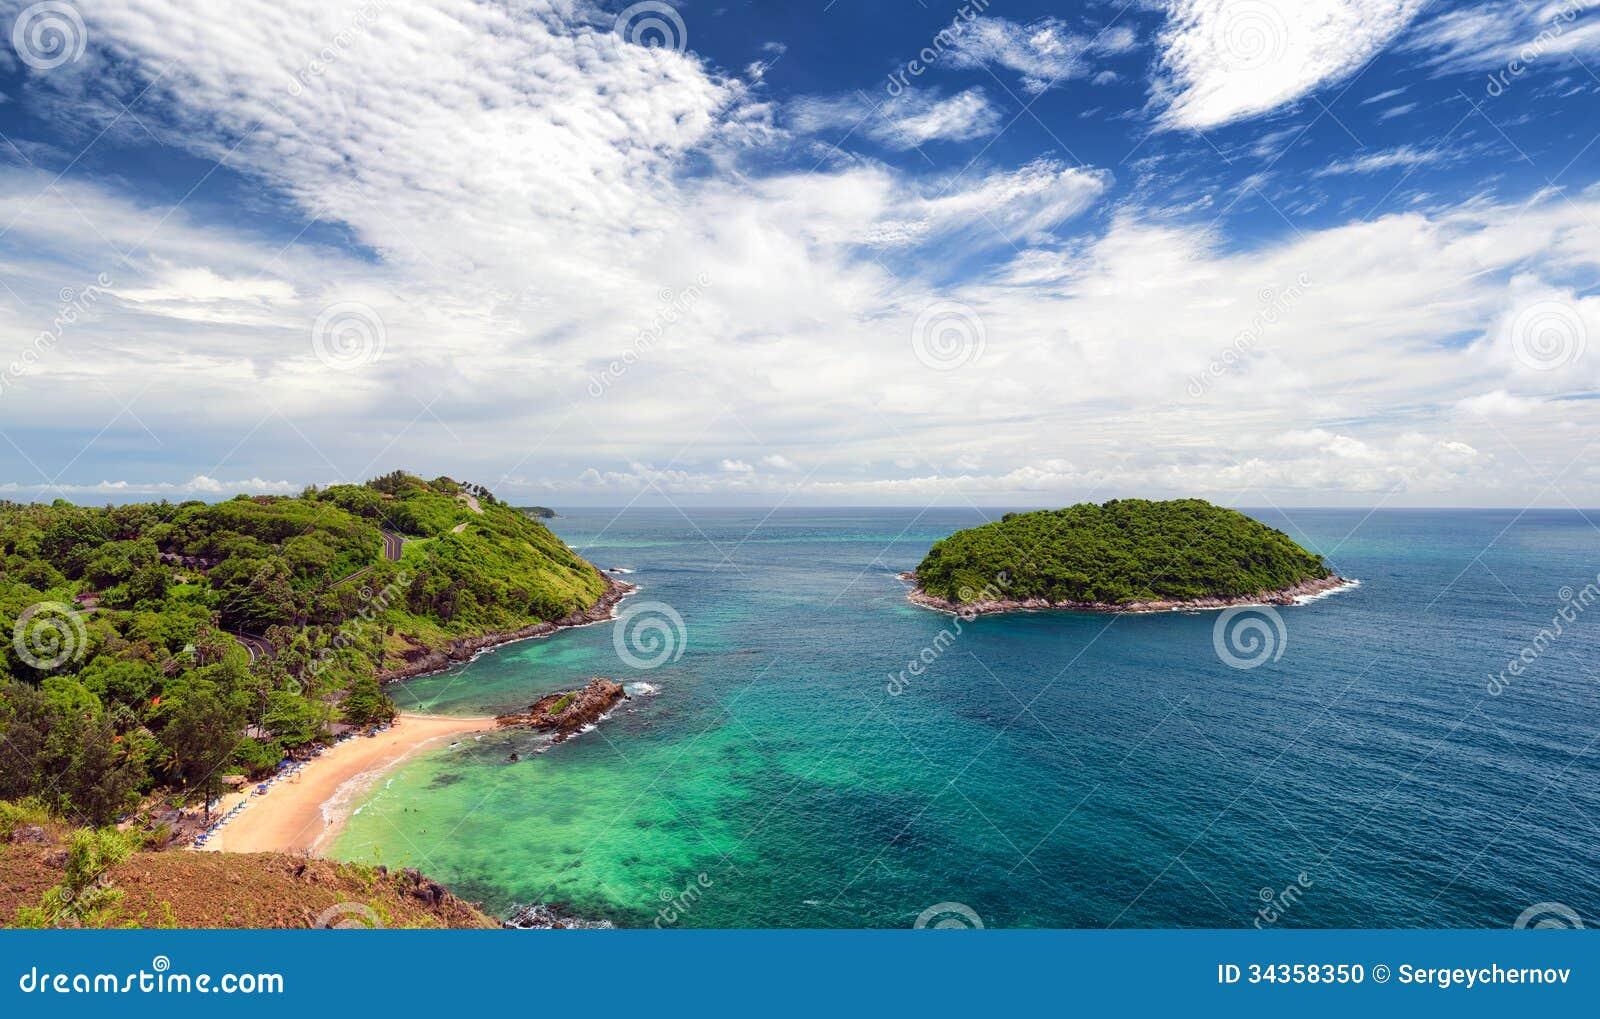 Phuket beach, tropical island and sea view. Thailand summer